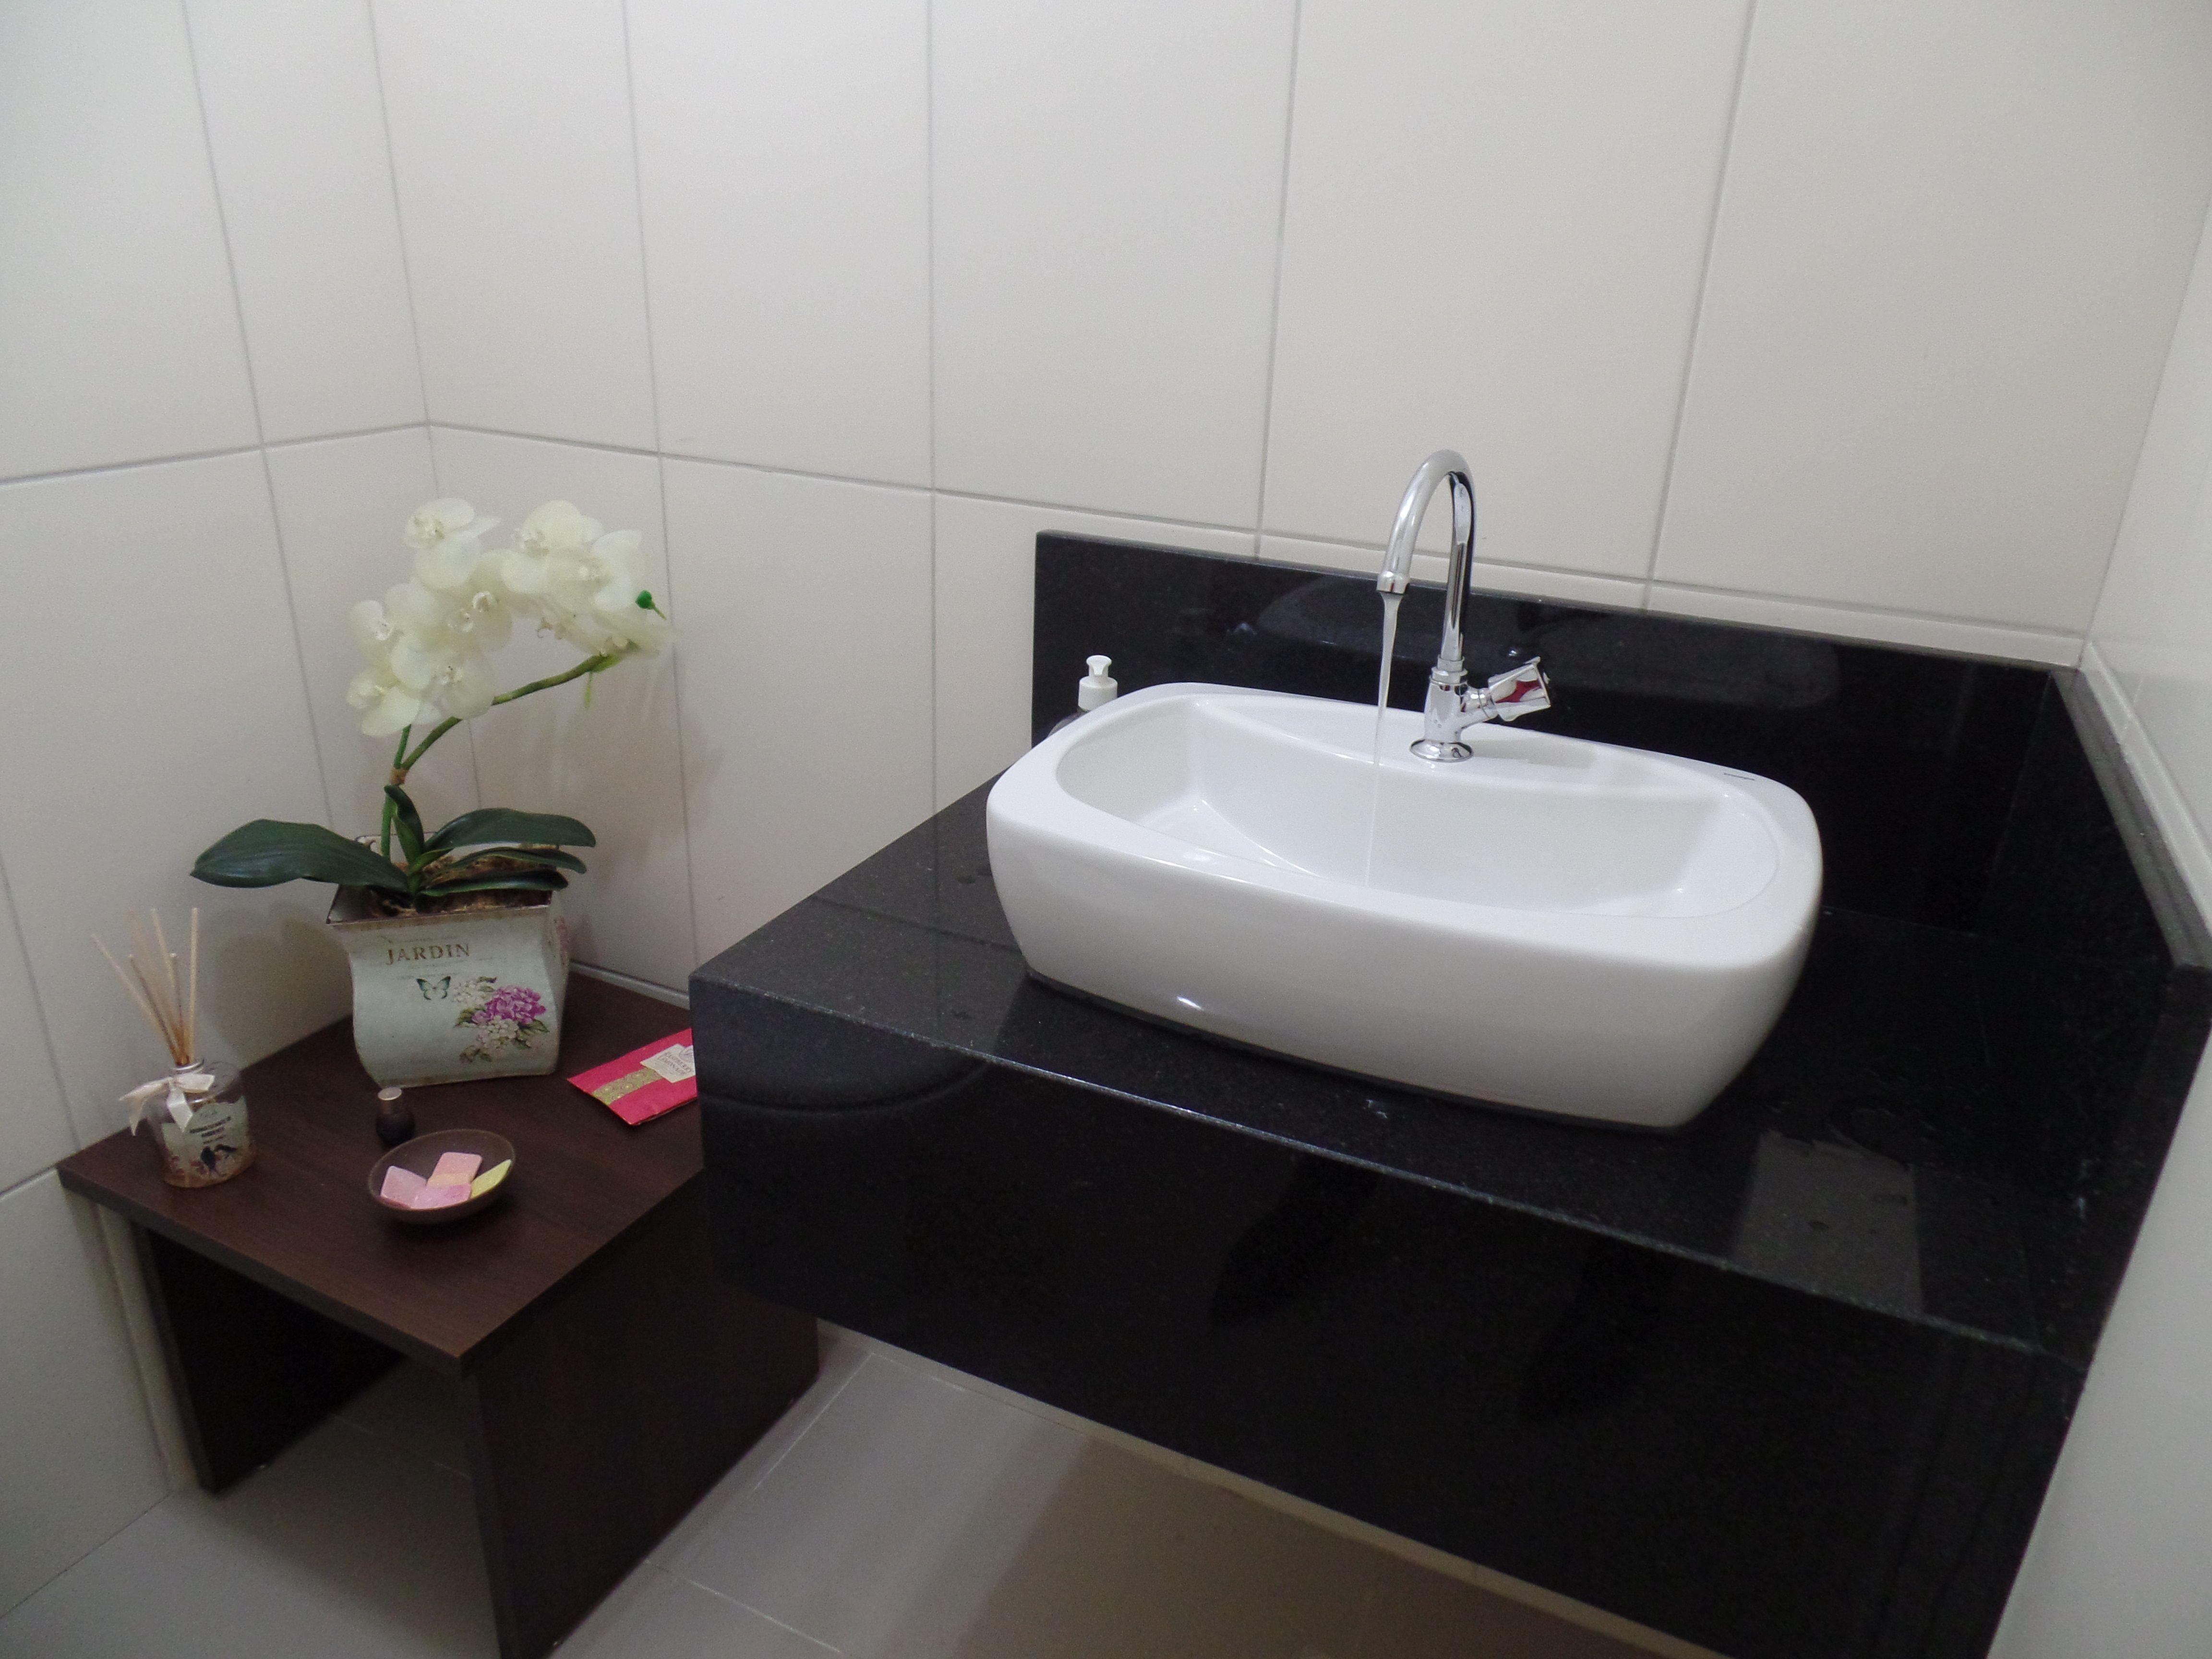 Bancada de Banheiro em Granito Preto São Gabriel  Banheiros  Pinterest  Ba -> Bancada De Banheiro Pequeno Em Granito